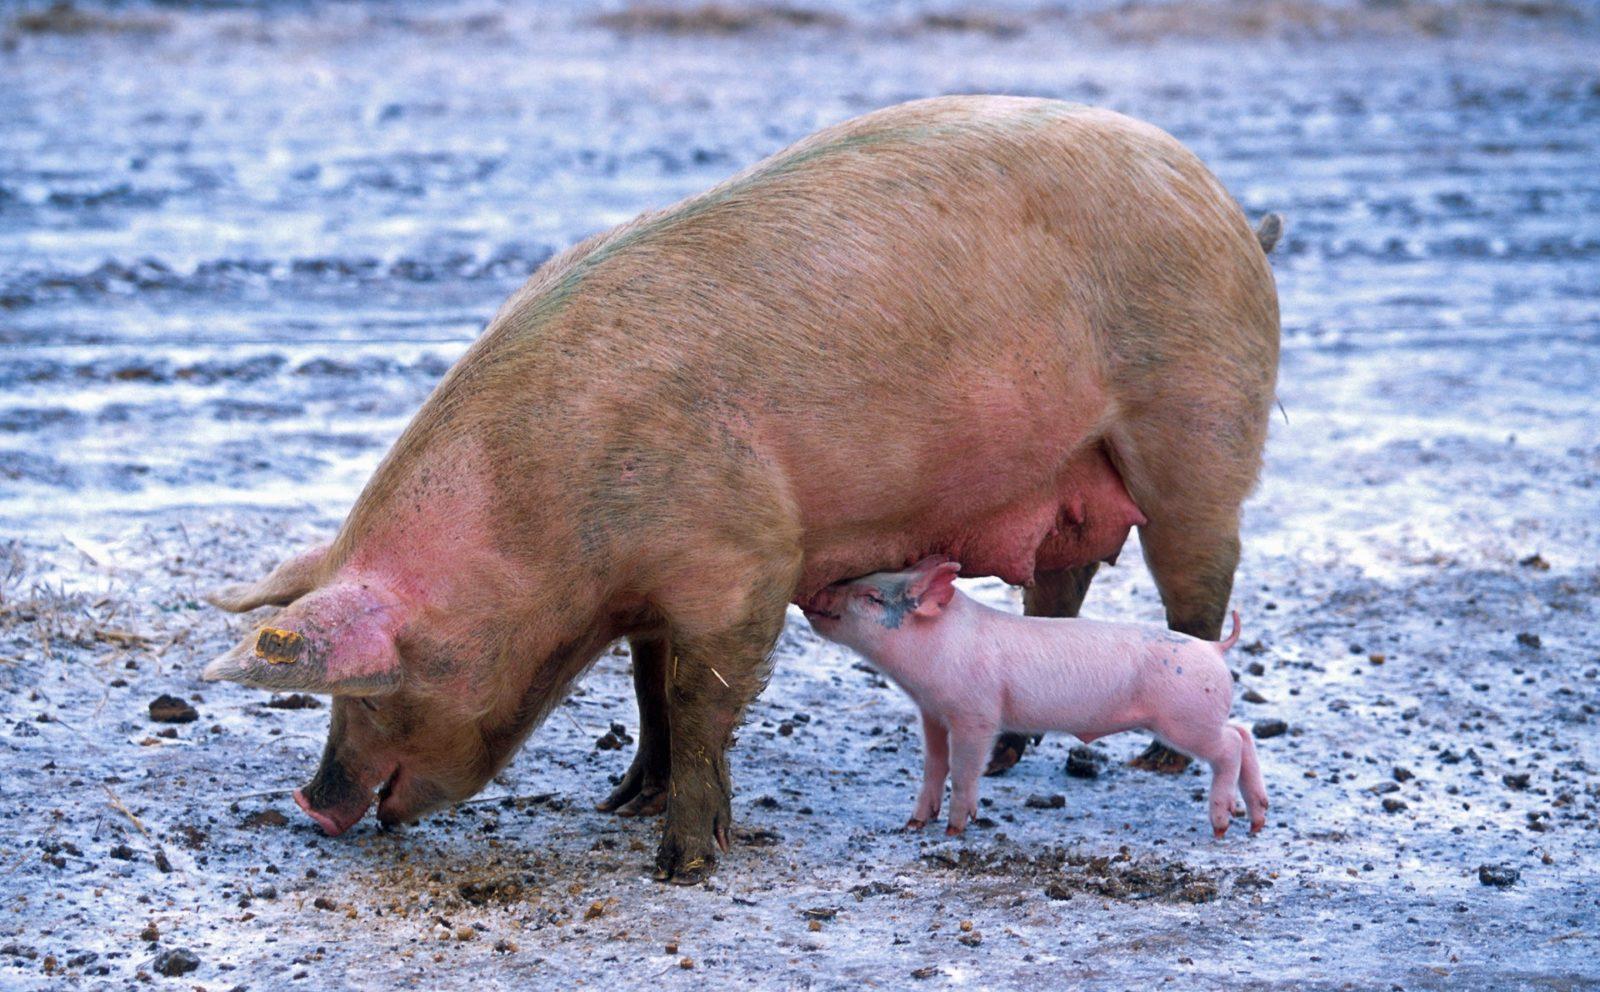 Sonhar com porco fihote tem relação com o crescimento, dinheiro, casamento e amor